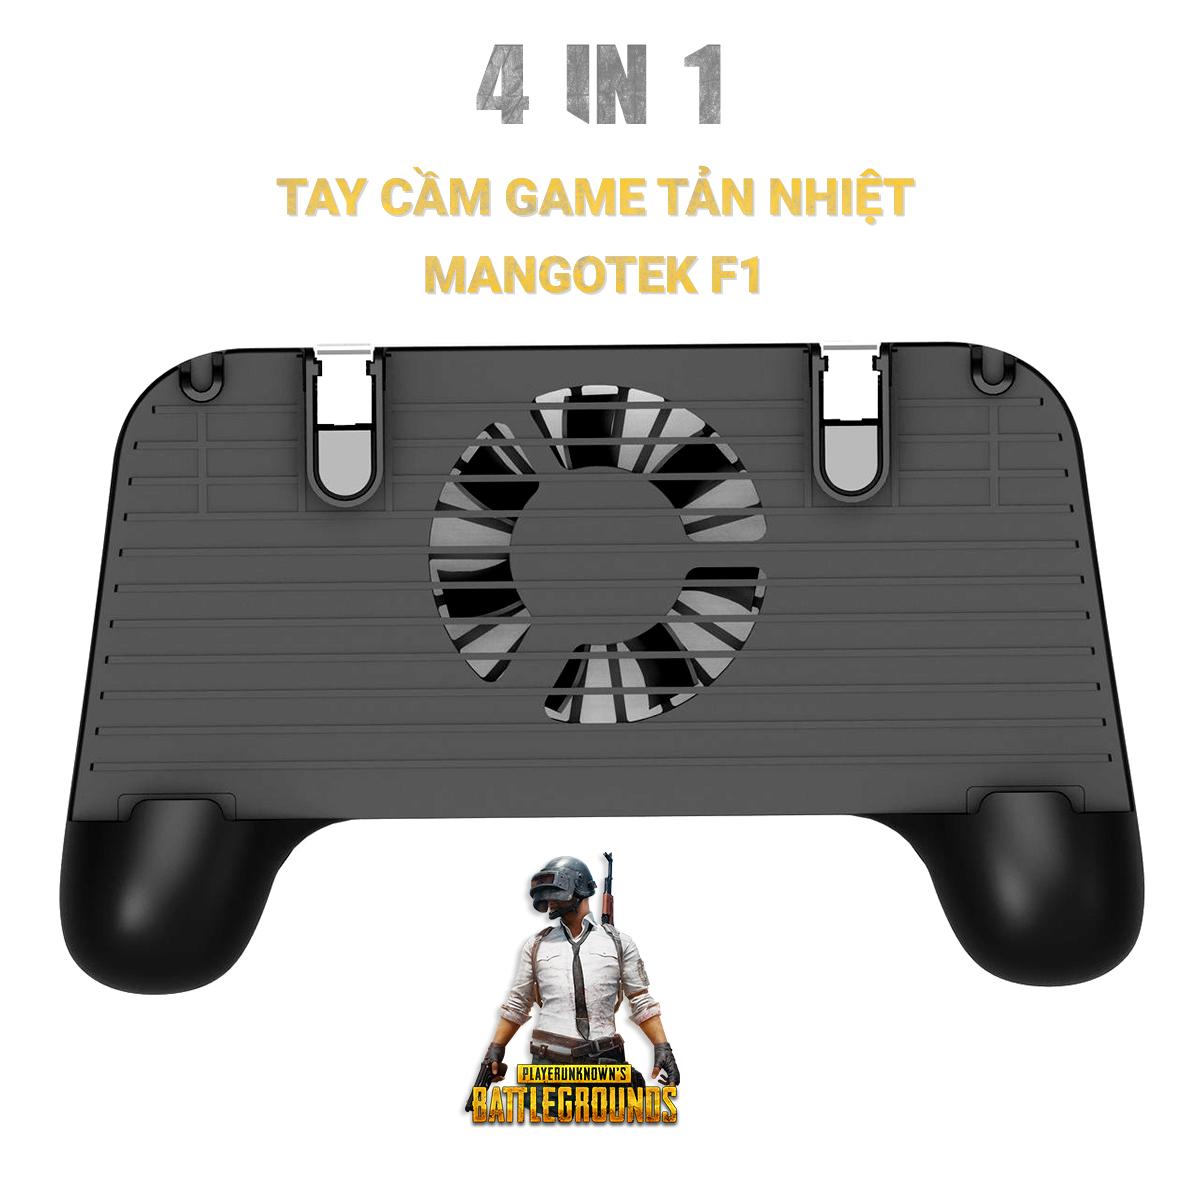 Tay cầm game MANGOTEK F1 ( 4 trong 1) kèm nút bấm, kiêm sạc dự phòng, đế tản nhiệt